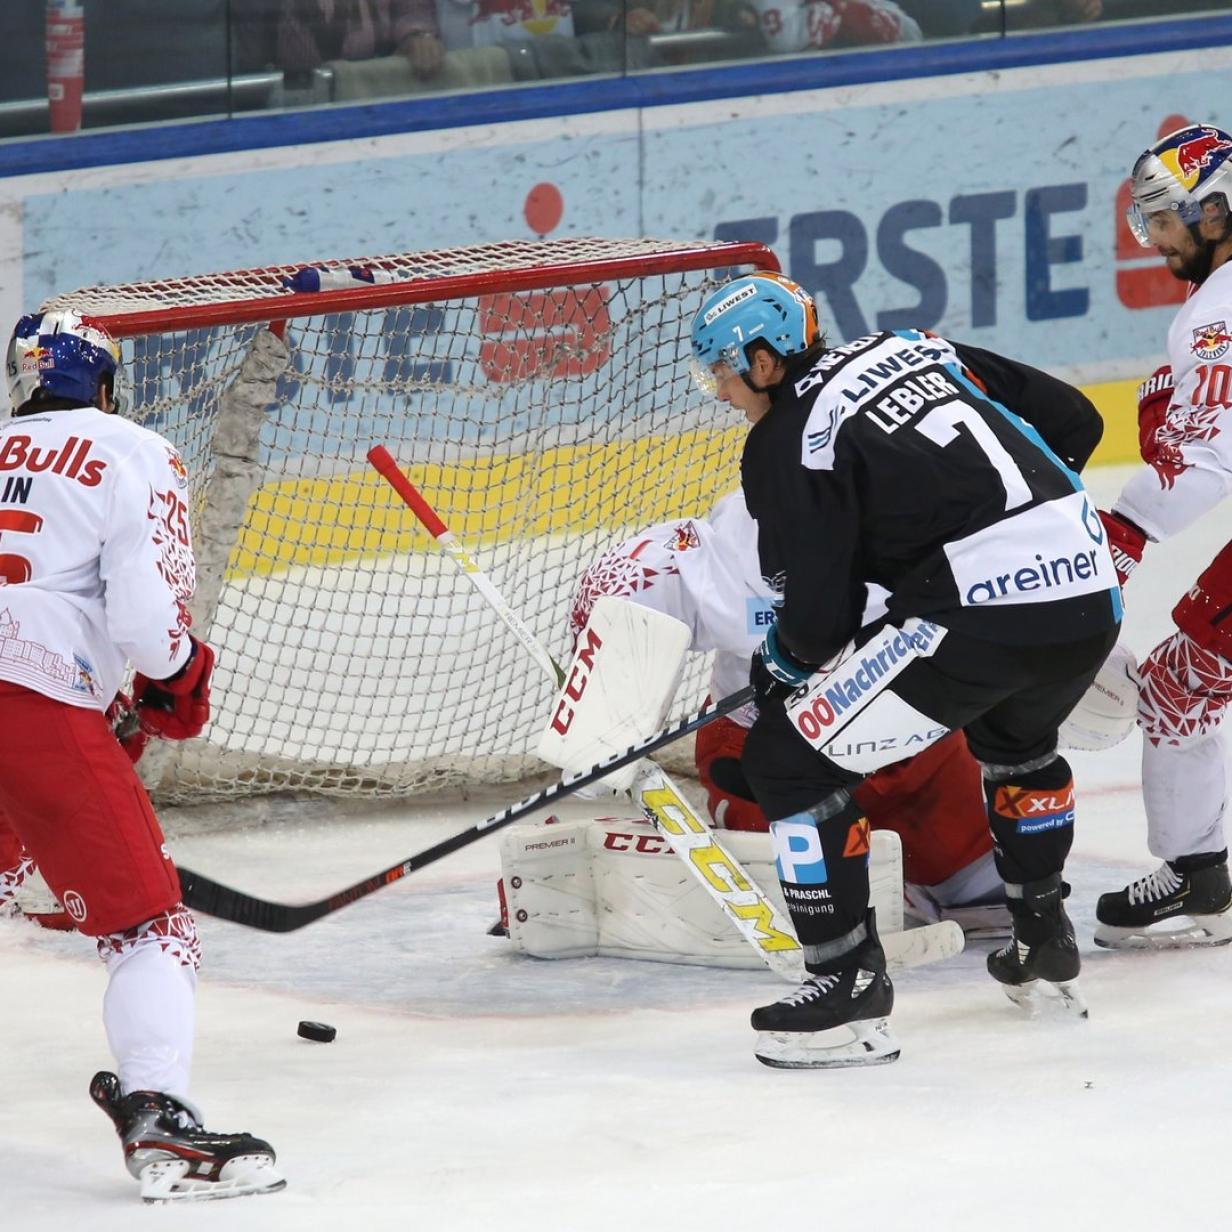 Eishockey: Linz ringt Salzburg in der Verlängerung 5:4 nieder